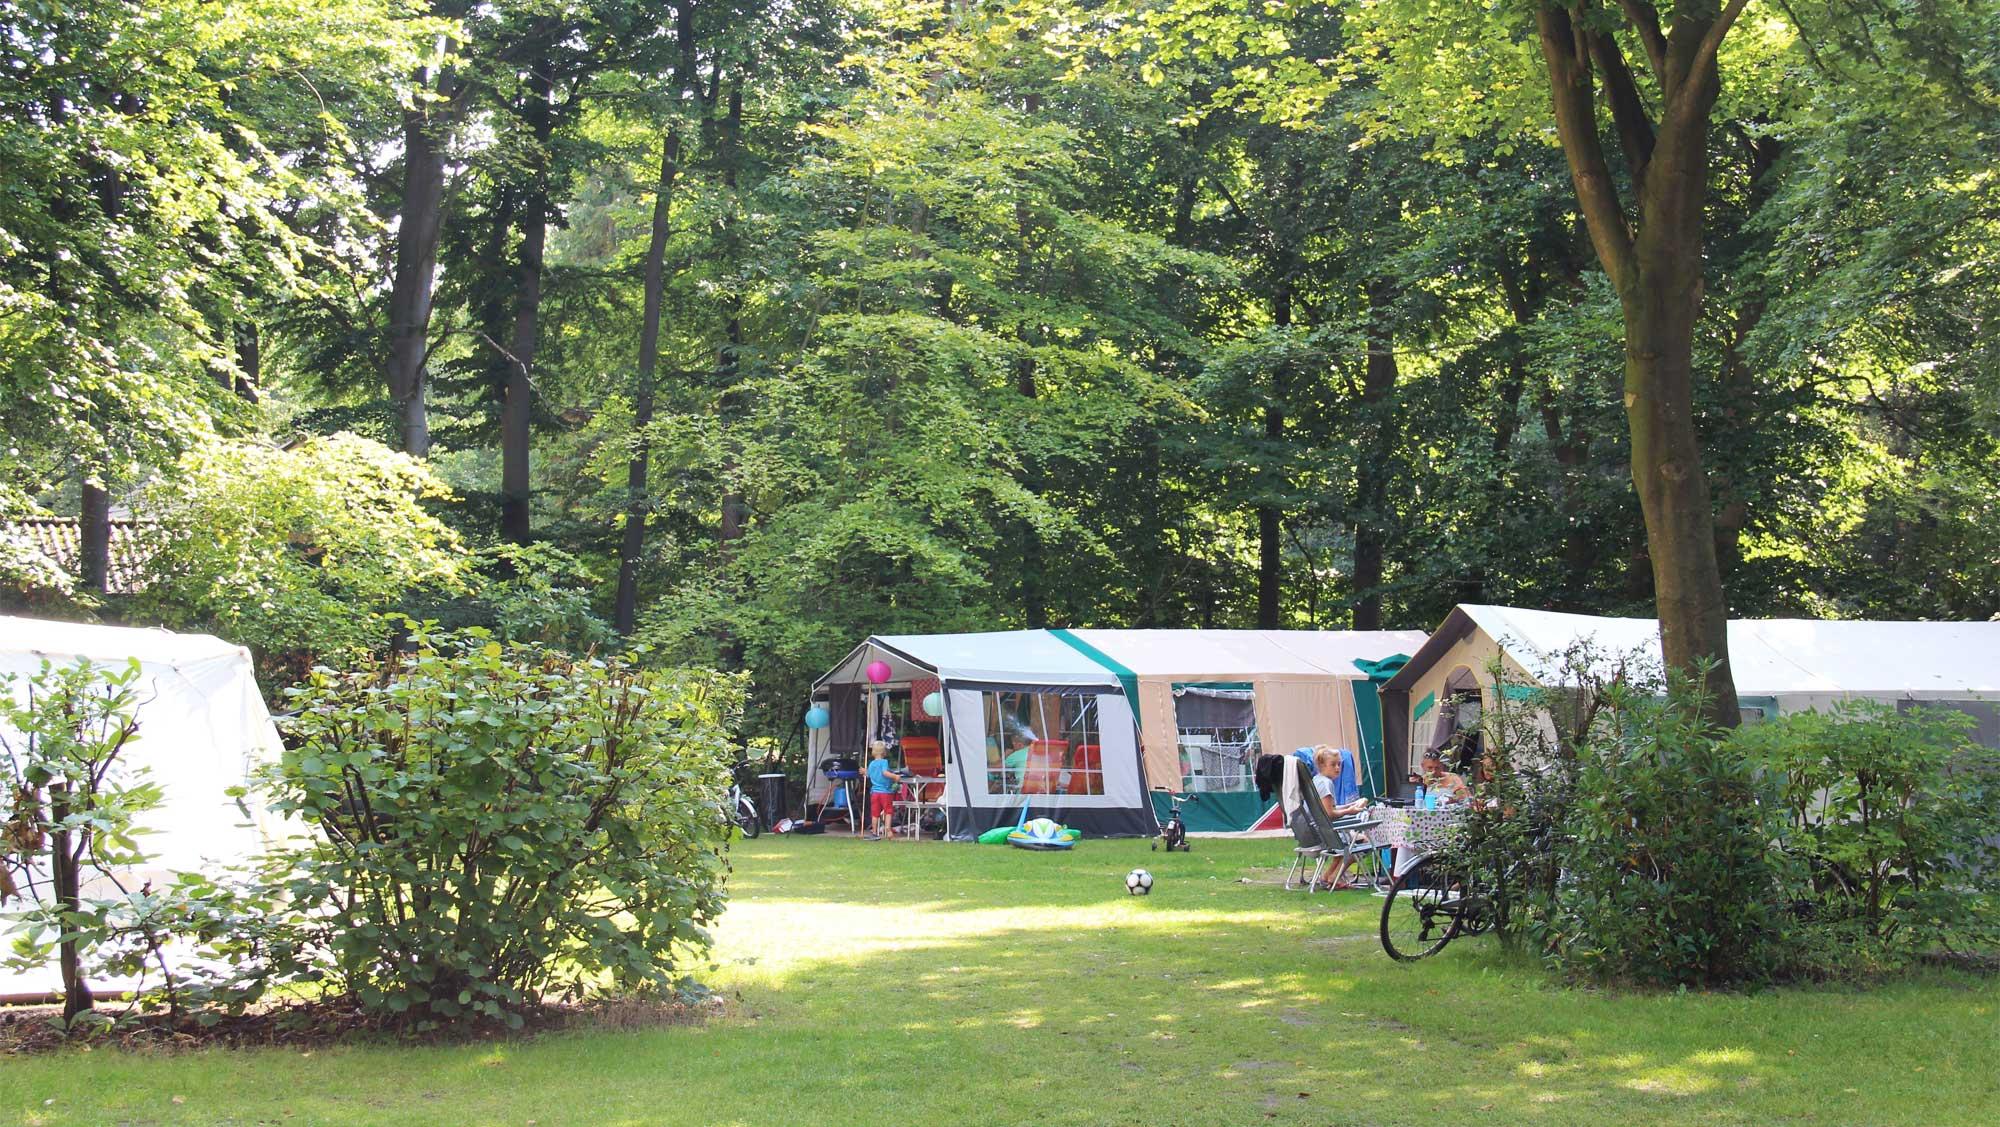 Seizoenplaats kamperen Molecaten Park Bosbad Hoeven 01